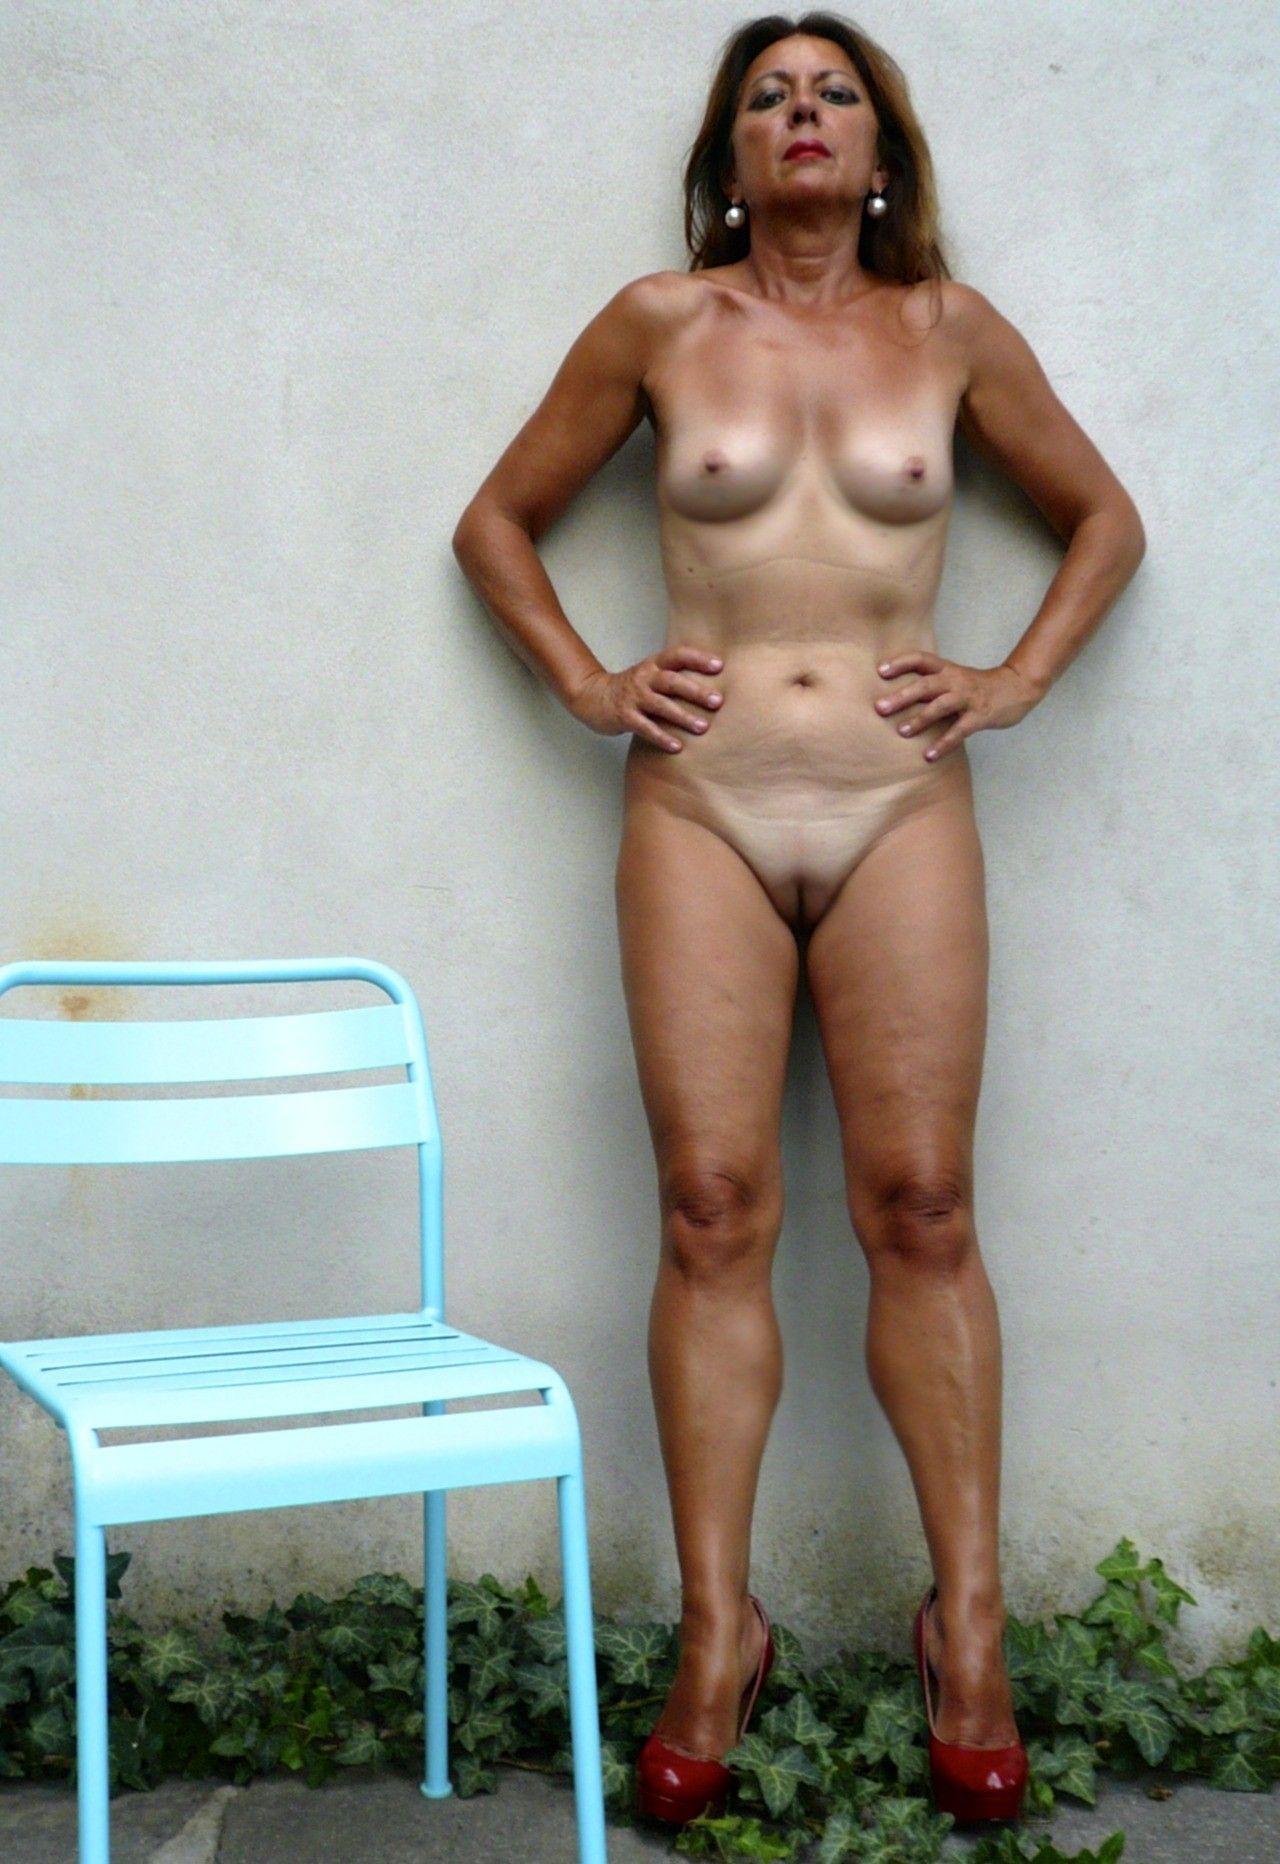 Une mamie sexy qui donne envie ! Femme mature et